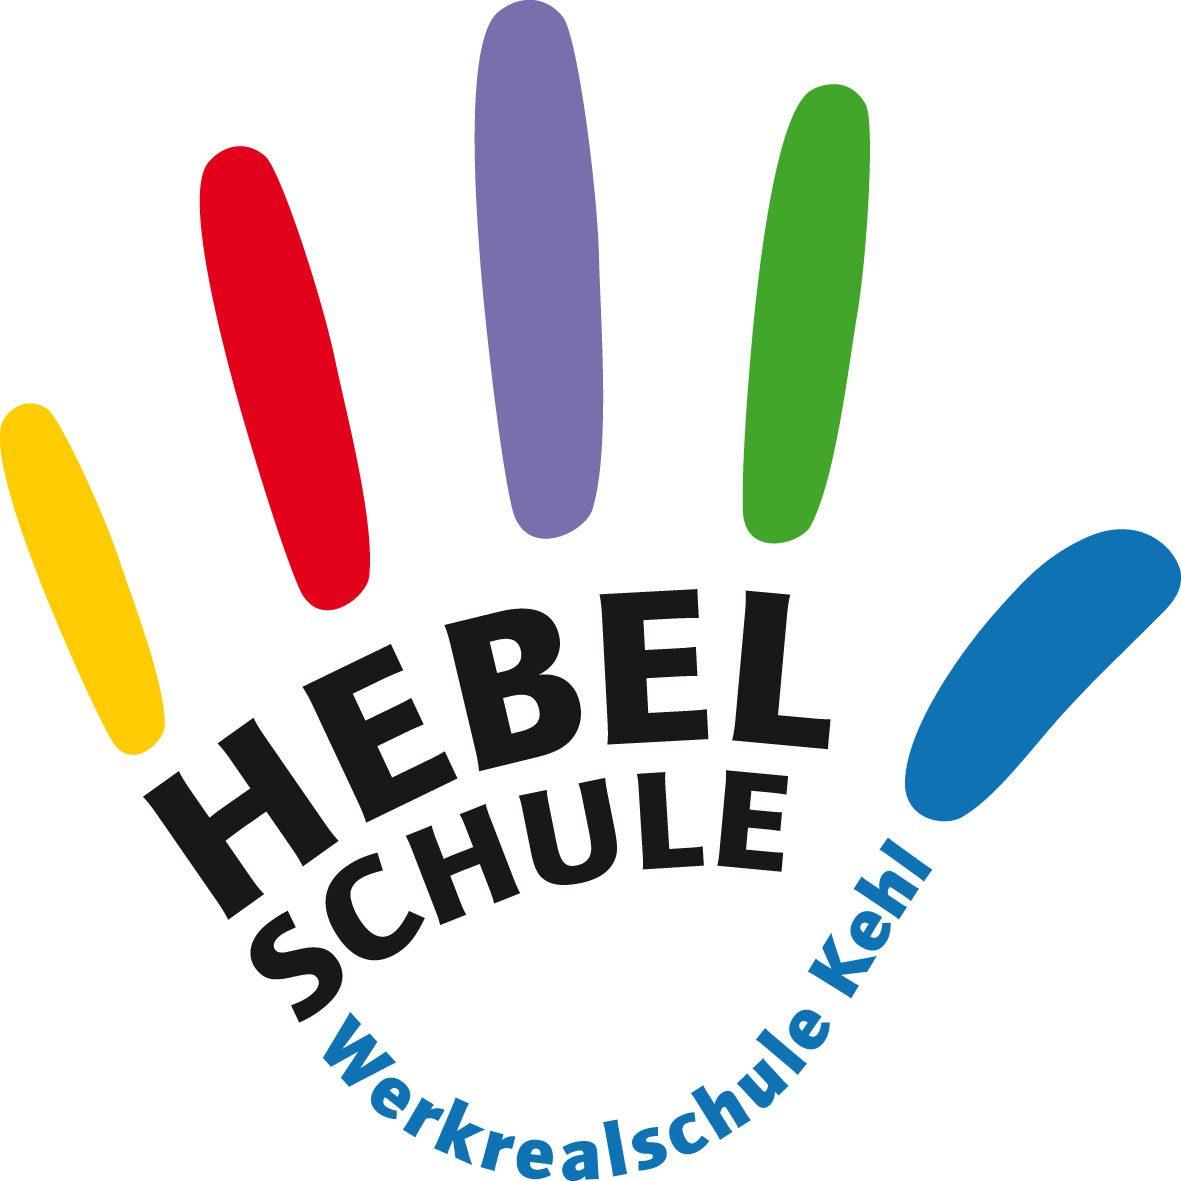 Hebelschule Kehl